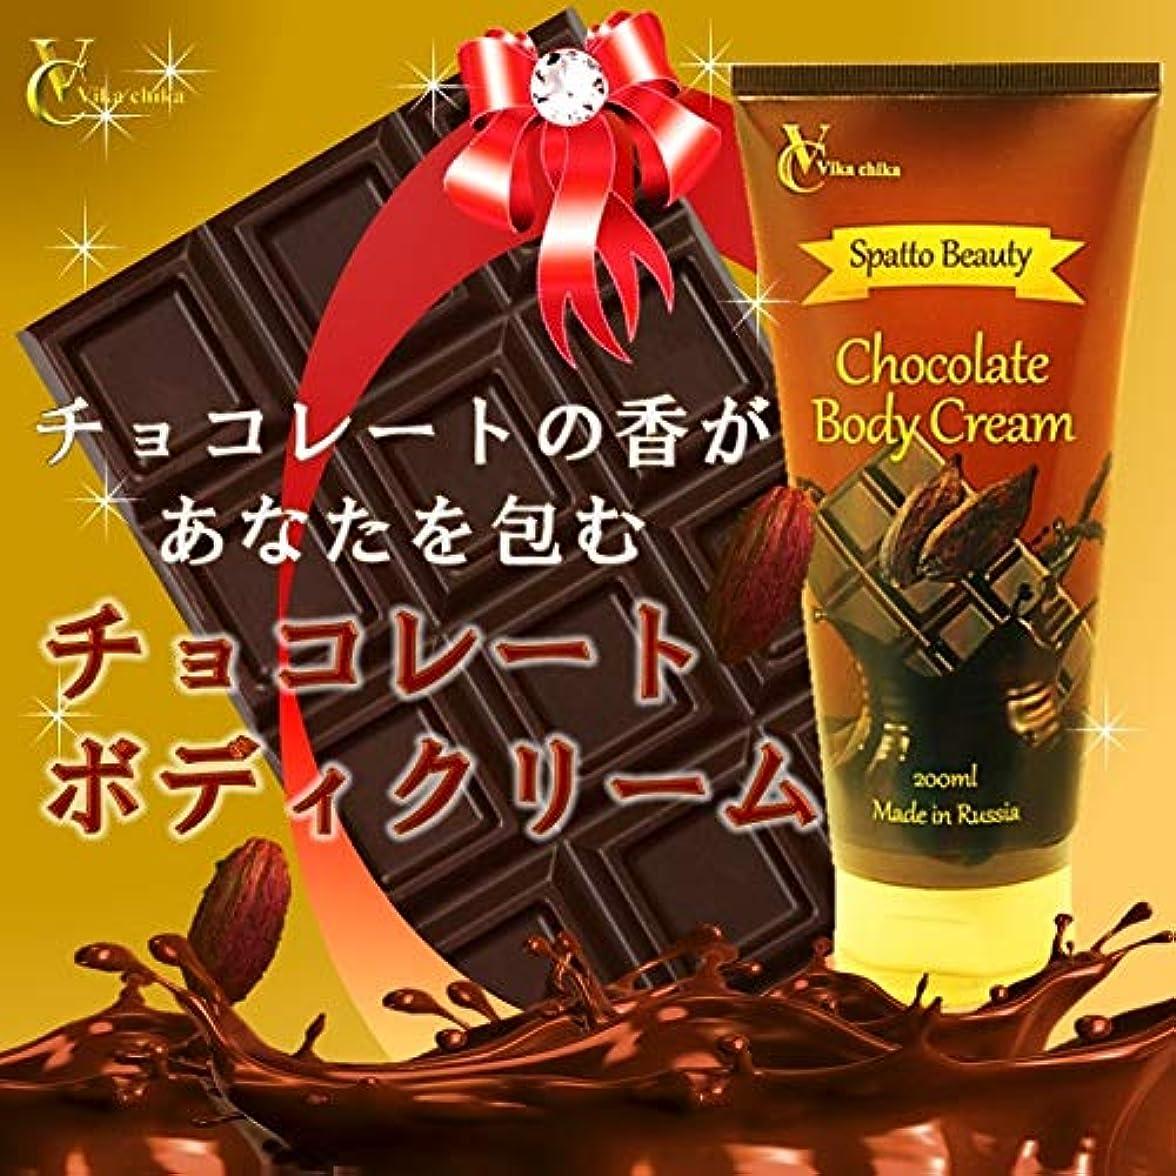 電気の抵当ブラシビッカチカ スパッと ビューティ チョコレートボディクリーム 200ml